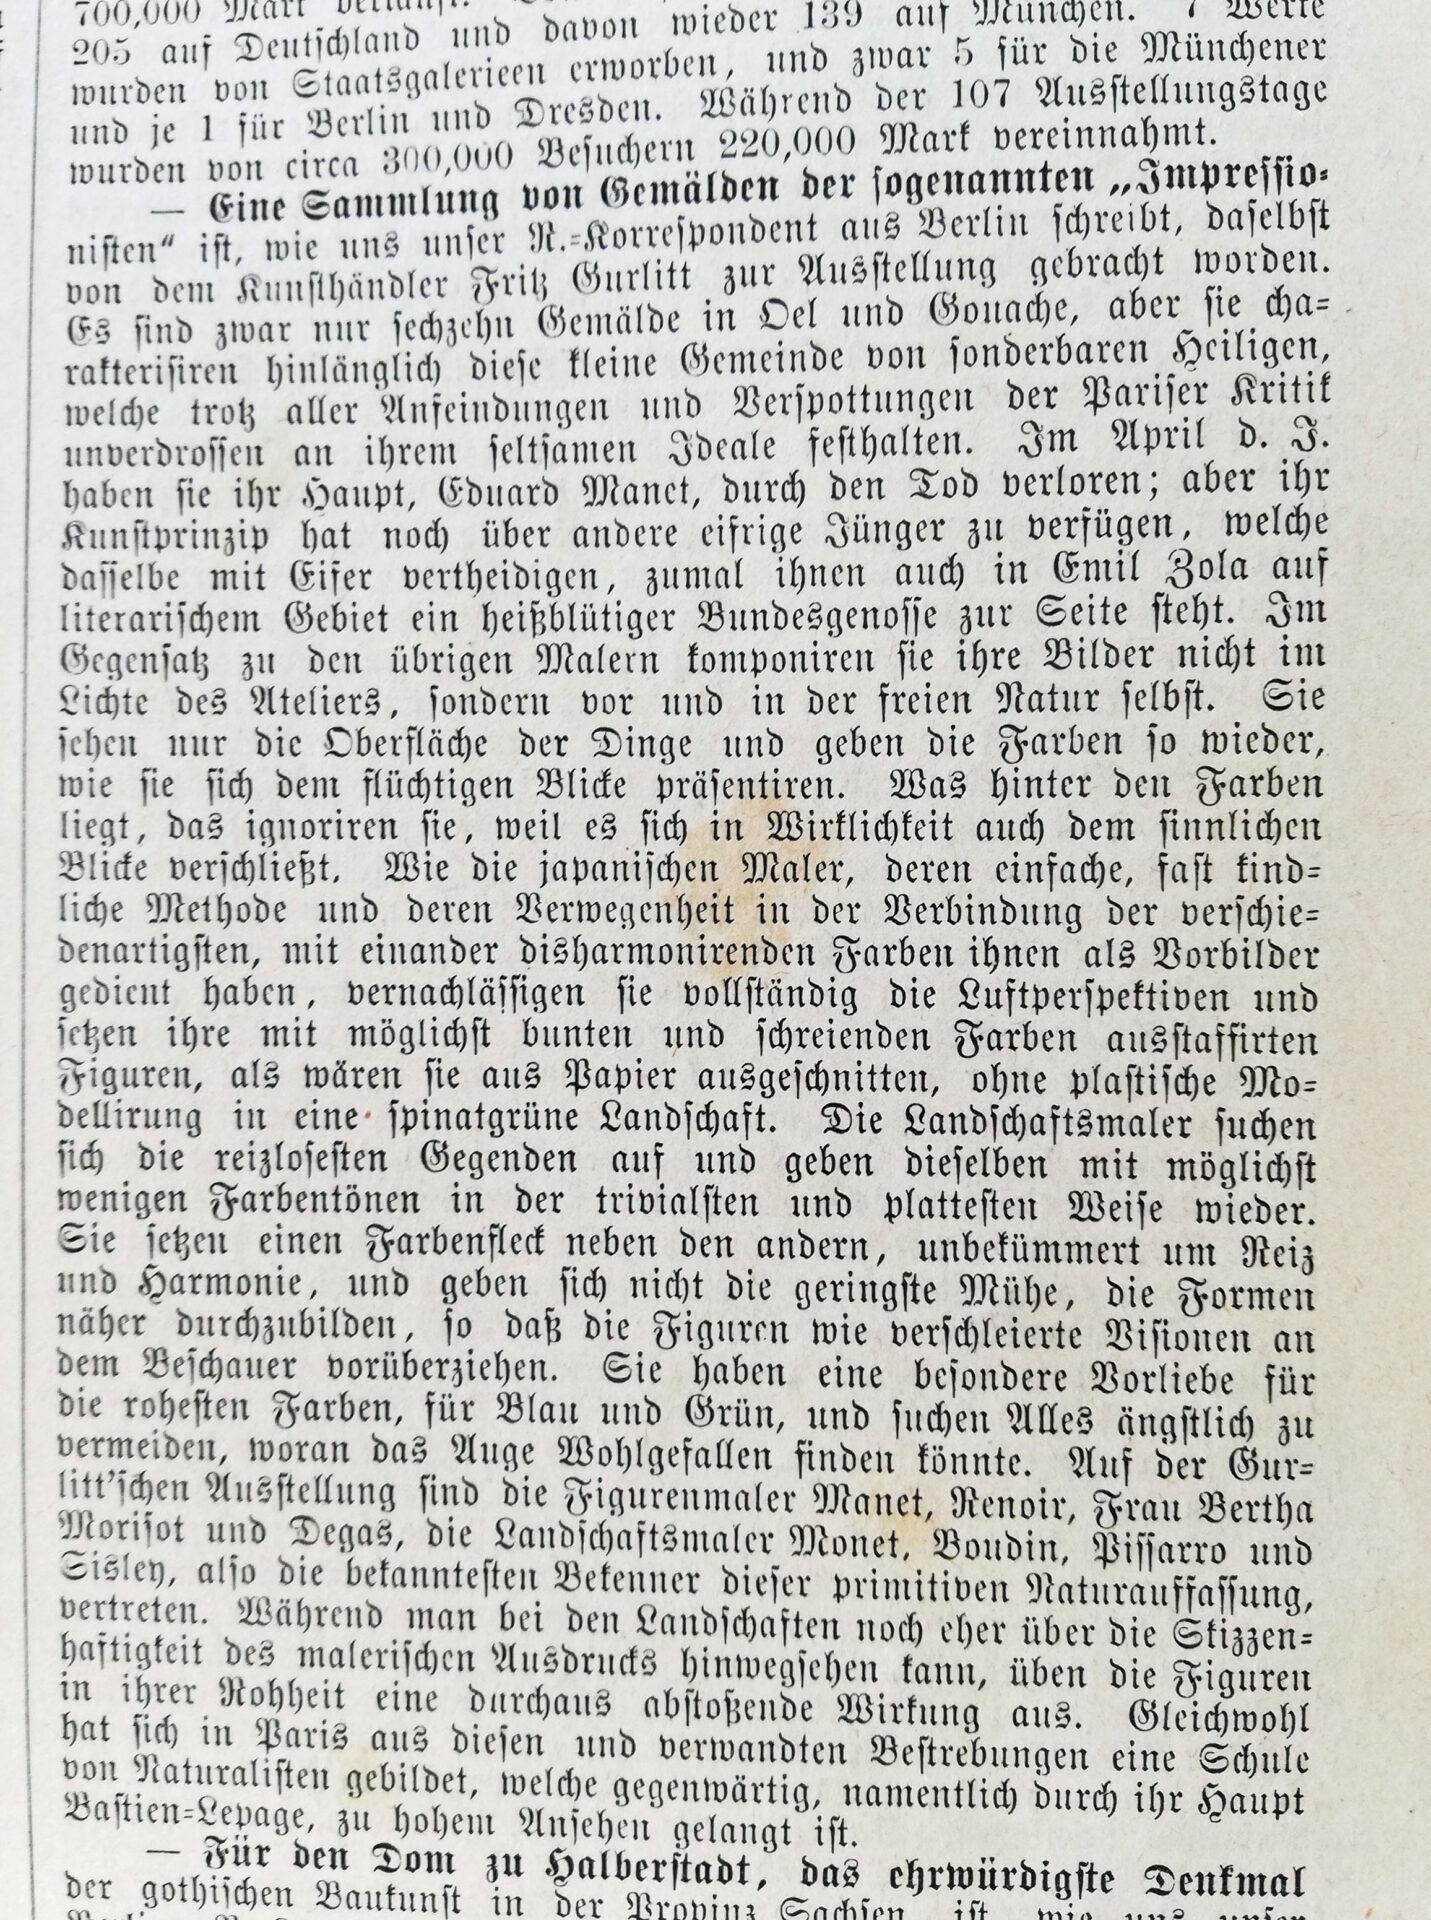 """Artikel über Impressionismus in der"""" Allgemeine Illustrierte Zeitung"""" 1883"""